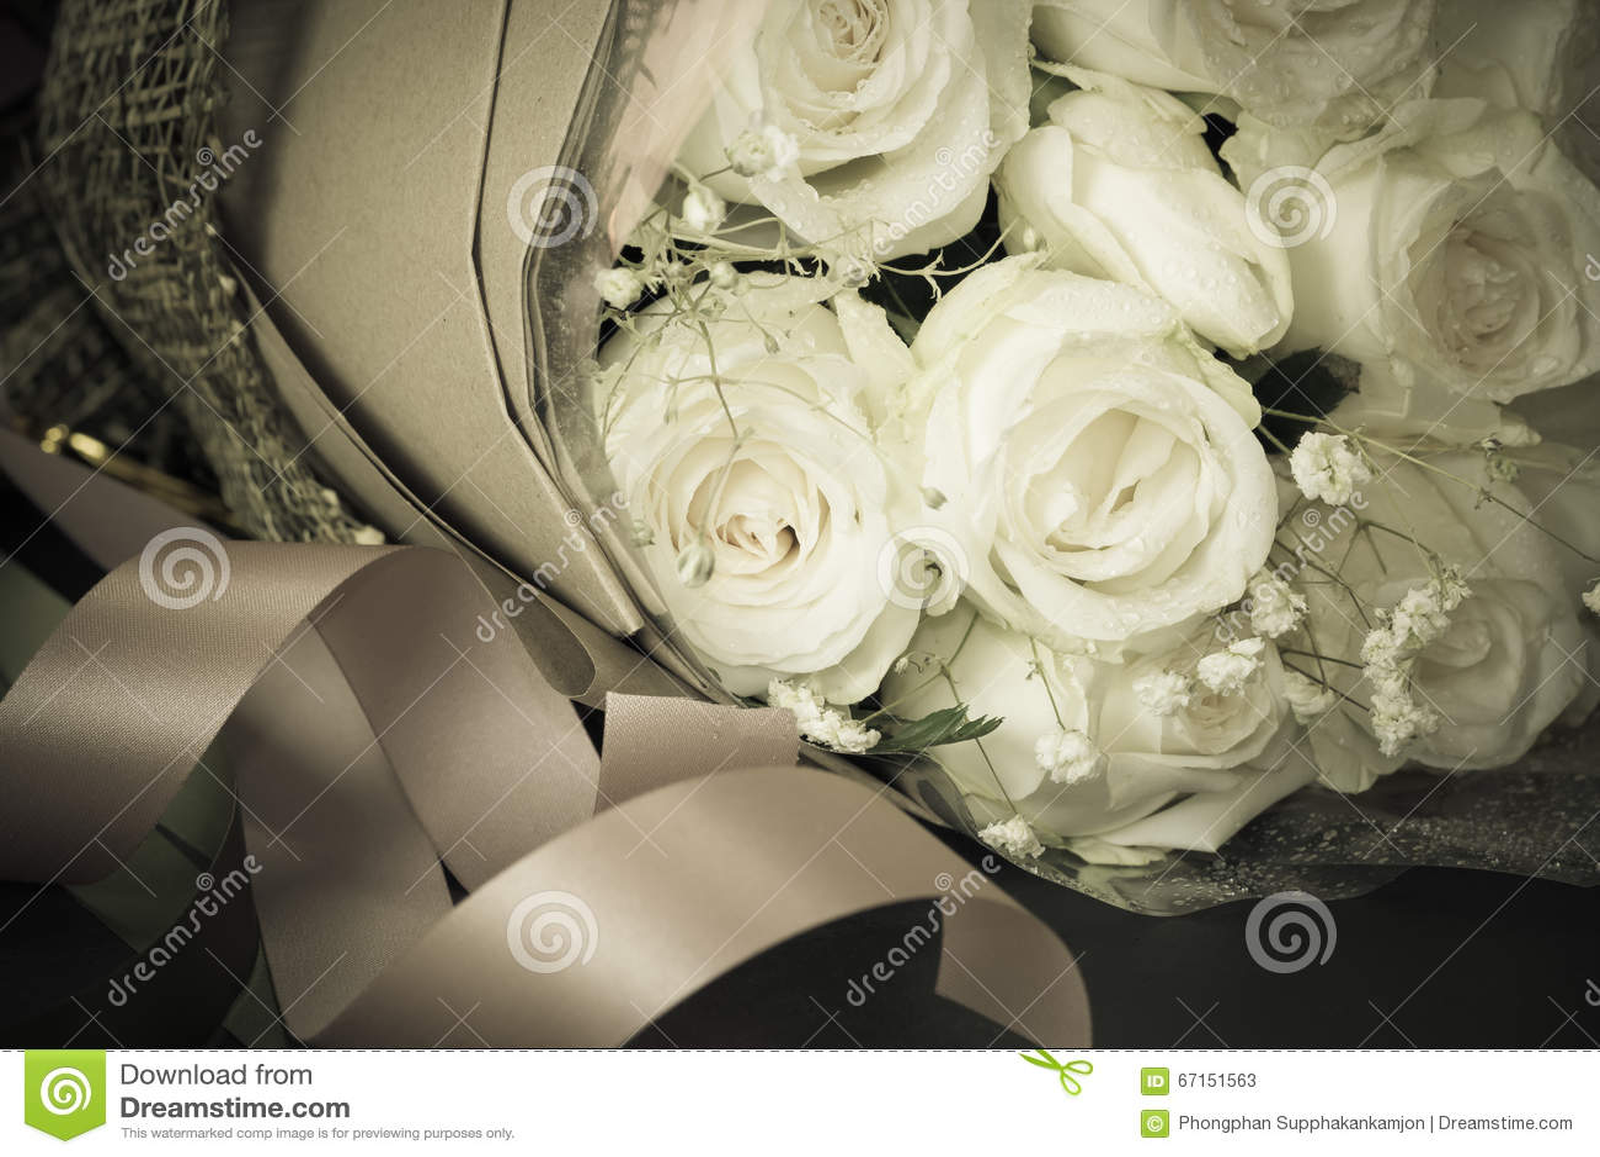 关闭新鲜的玫瑰花束,选择聚焦,葡萄酒tonin